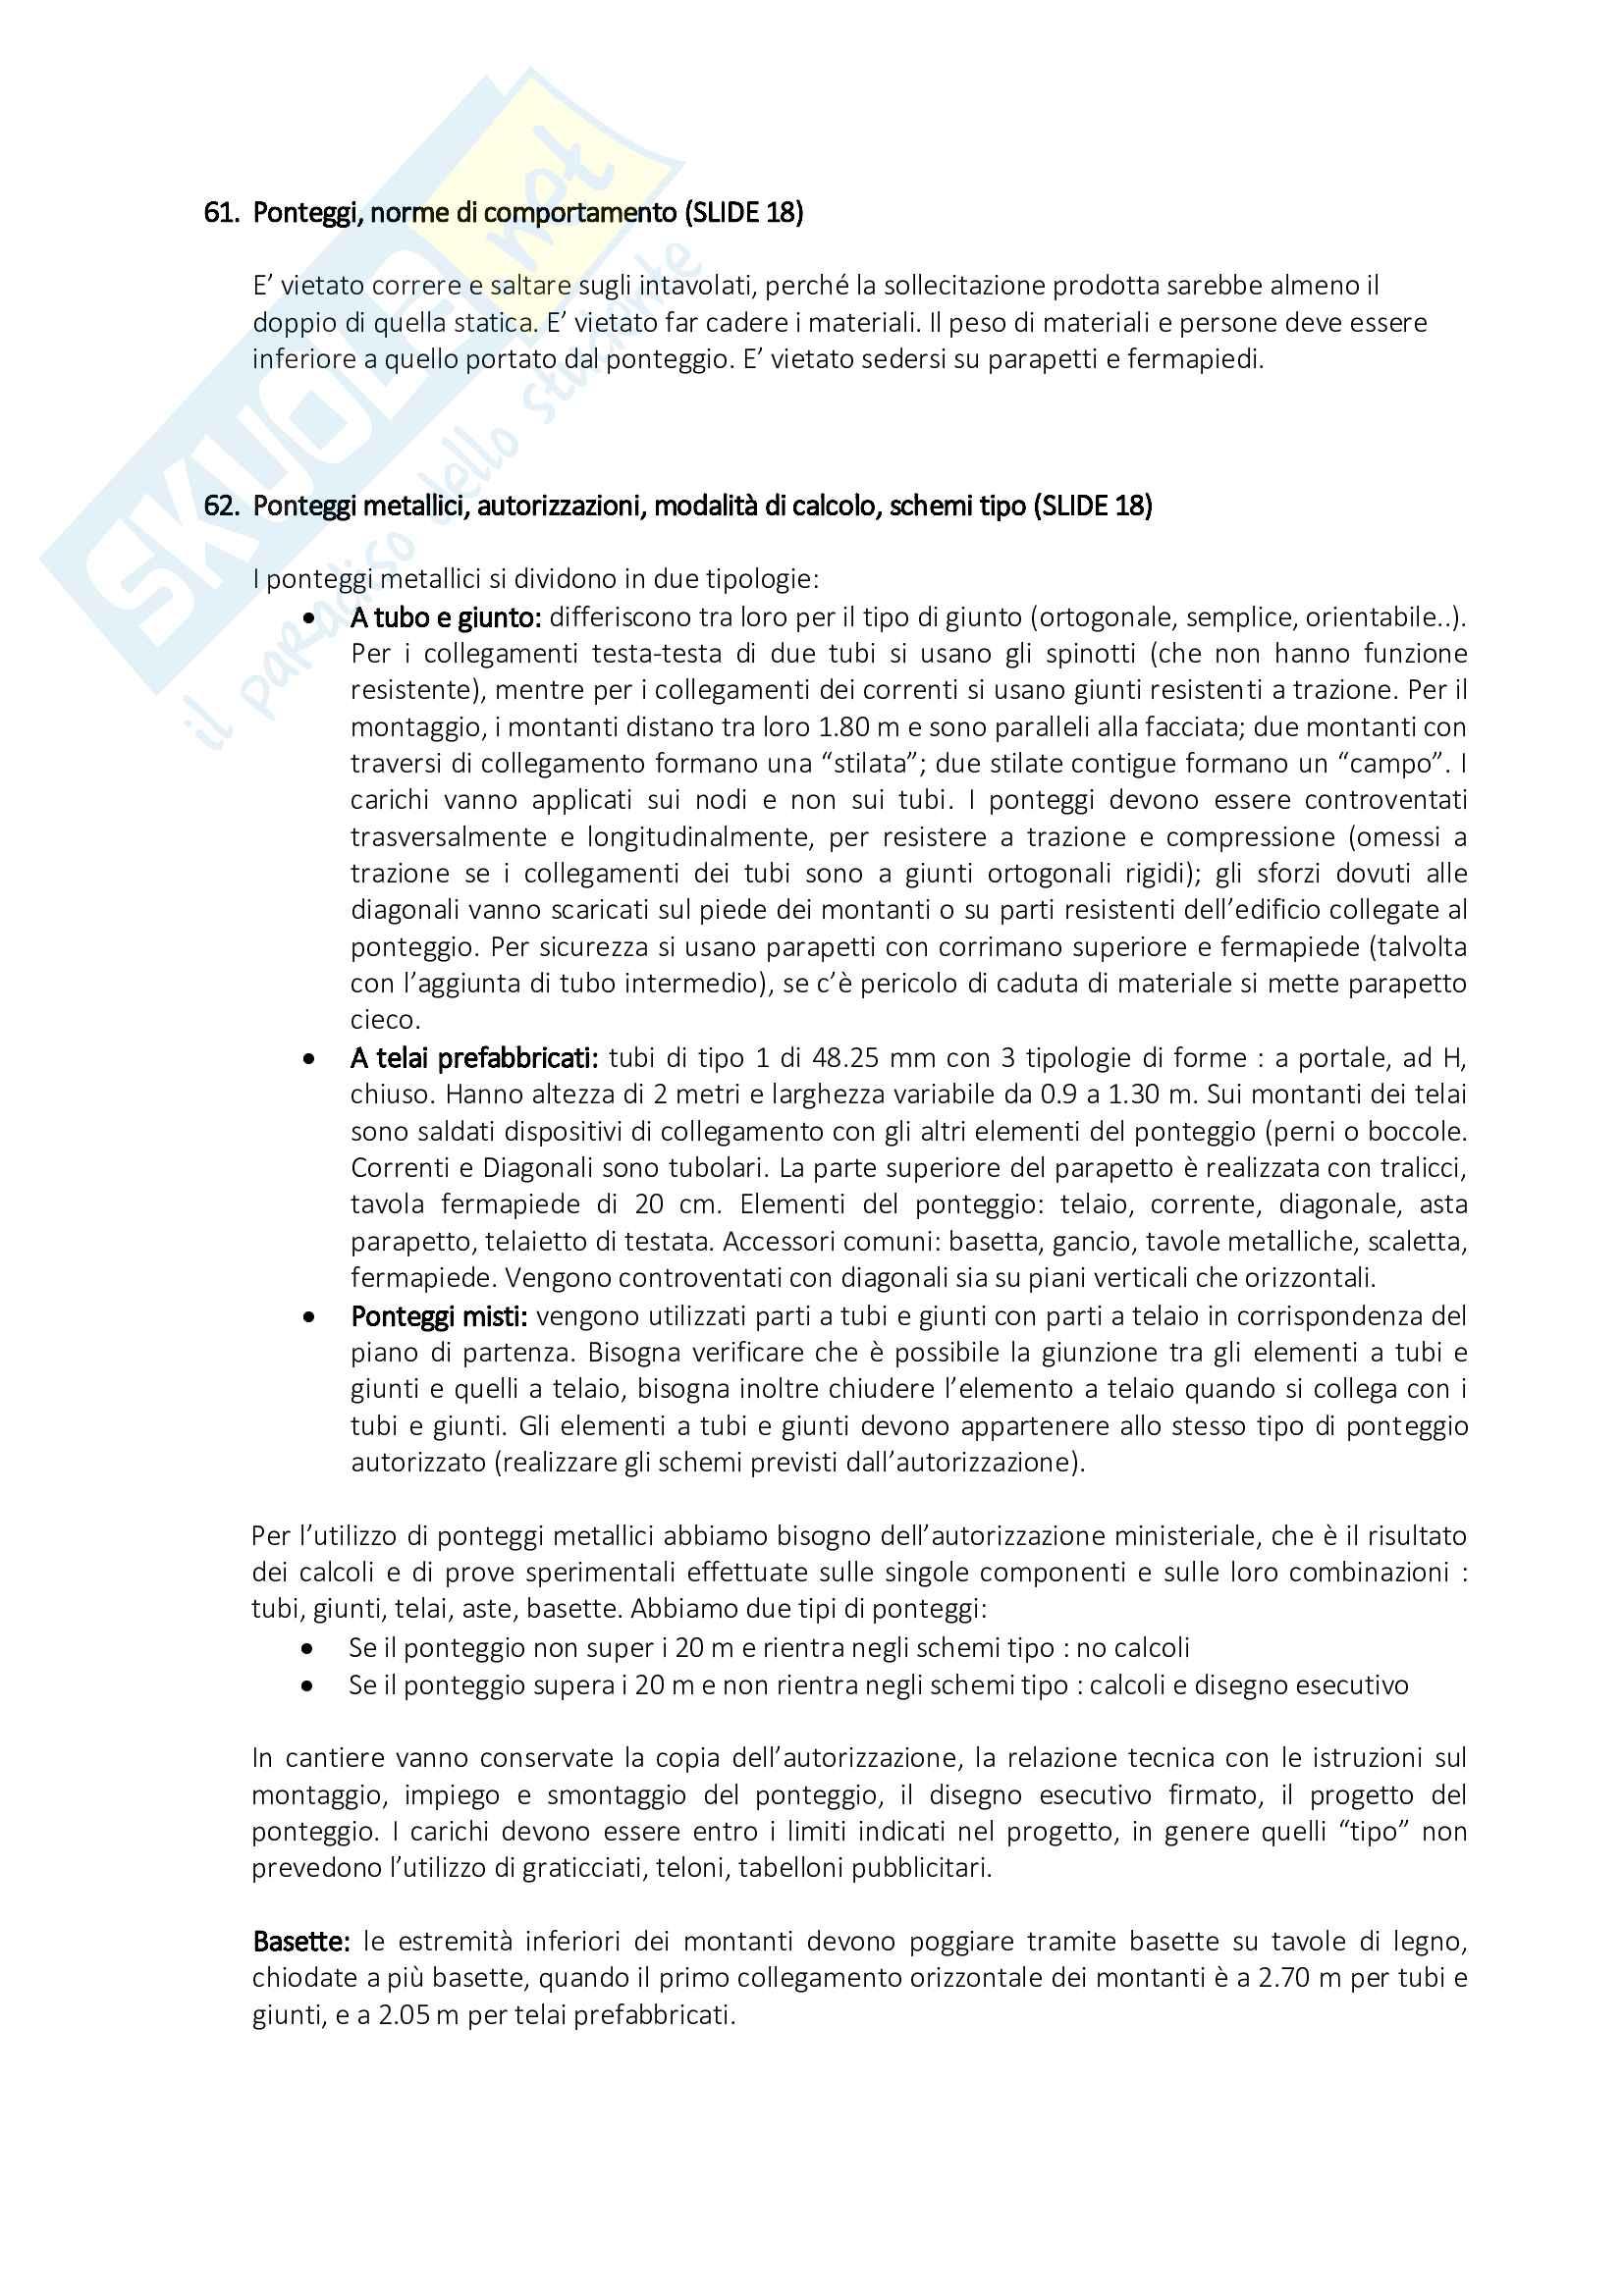 Organizzazione del Cantiere - Risposte alle Domande di Esame Pag. 26